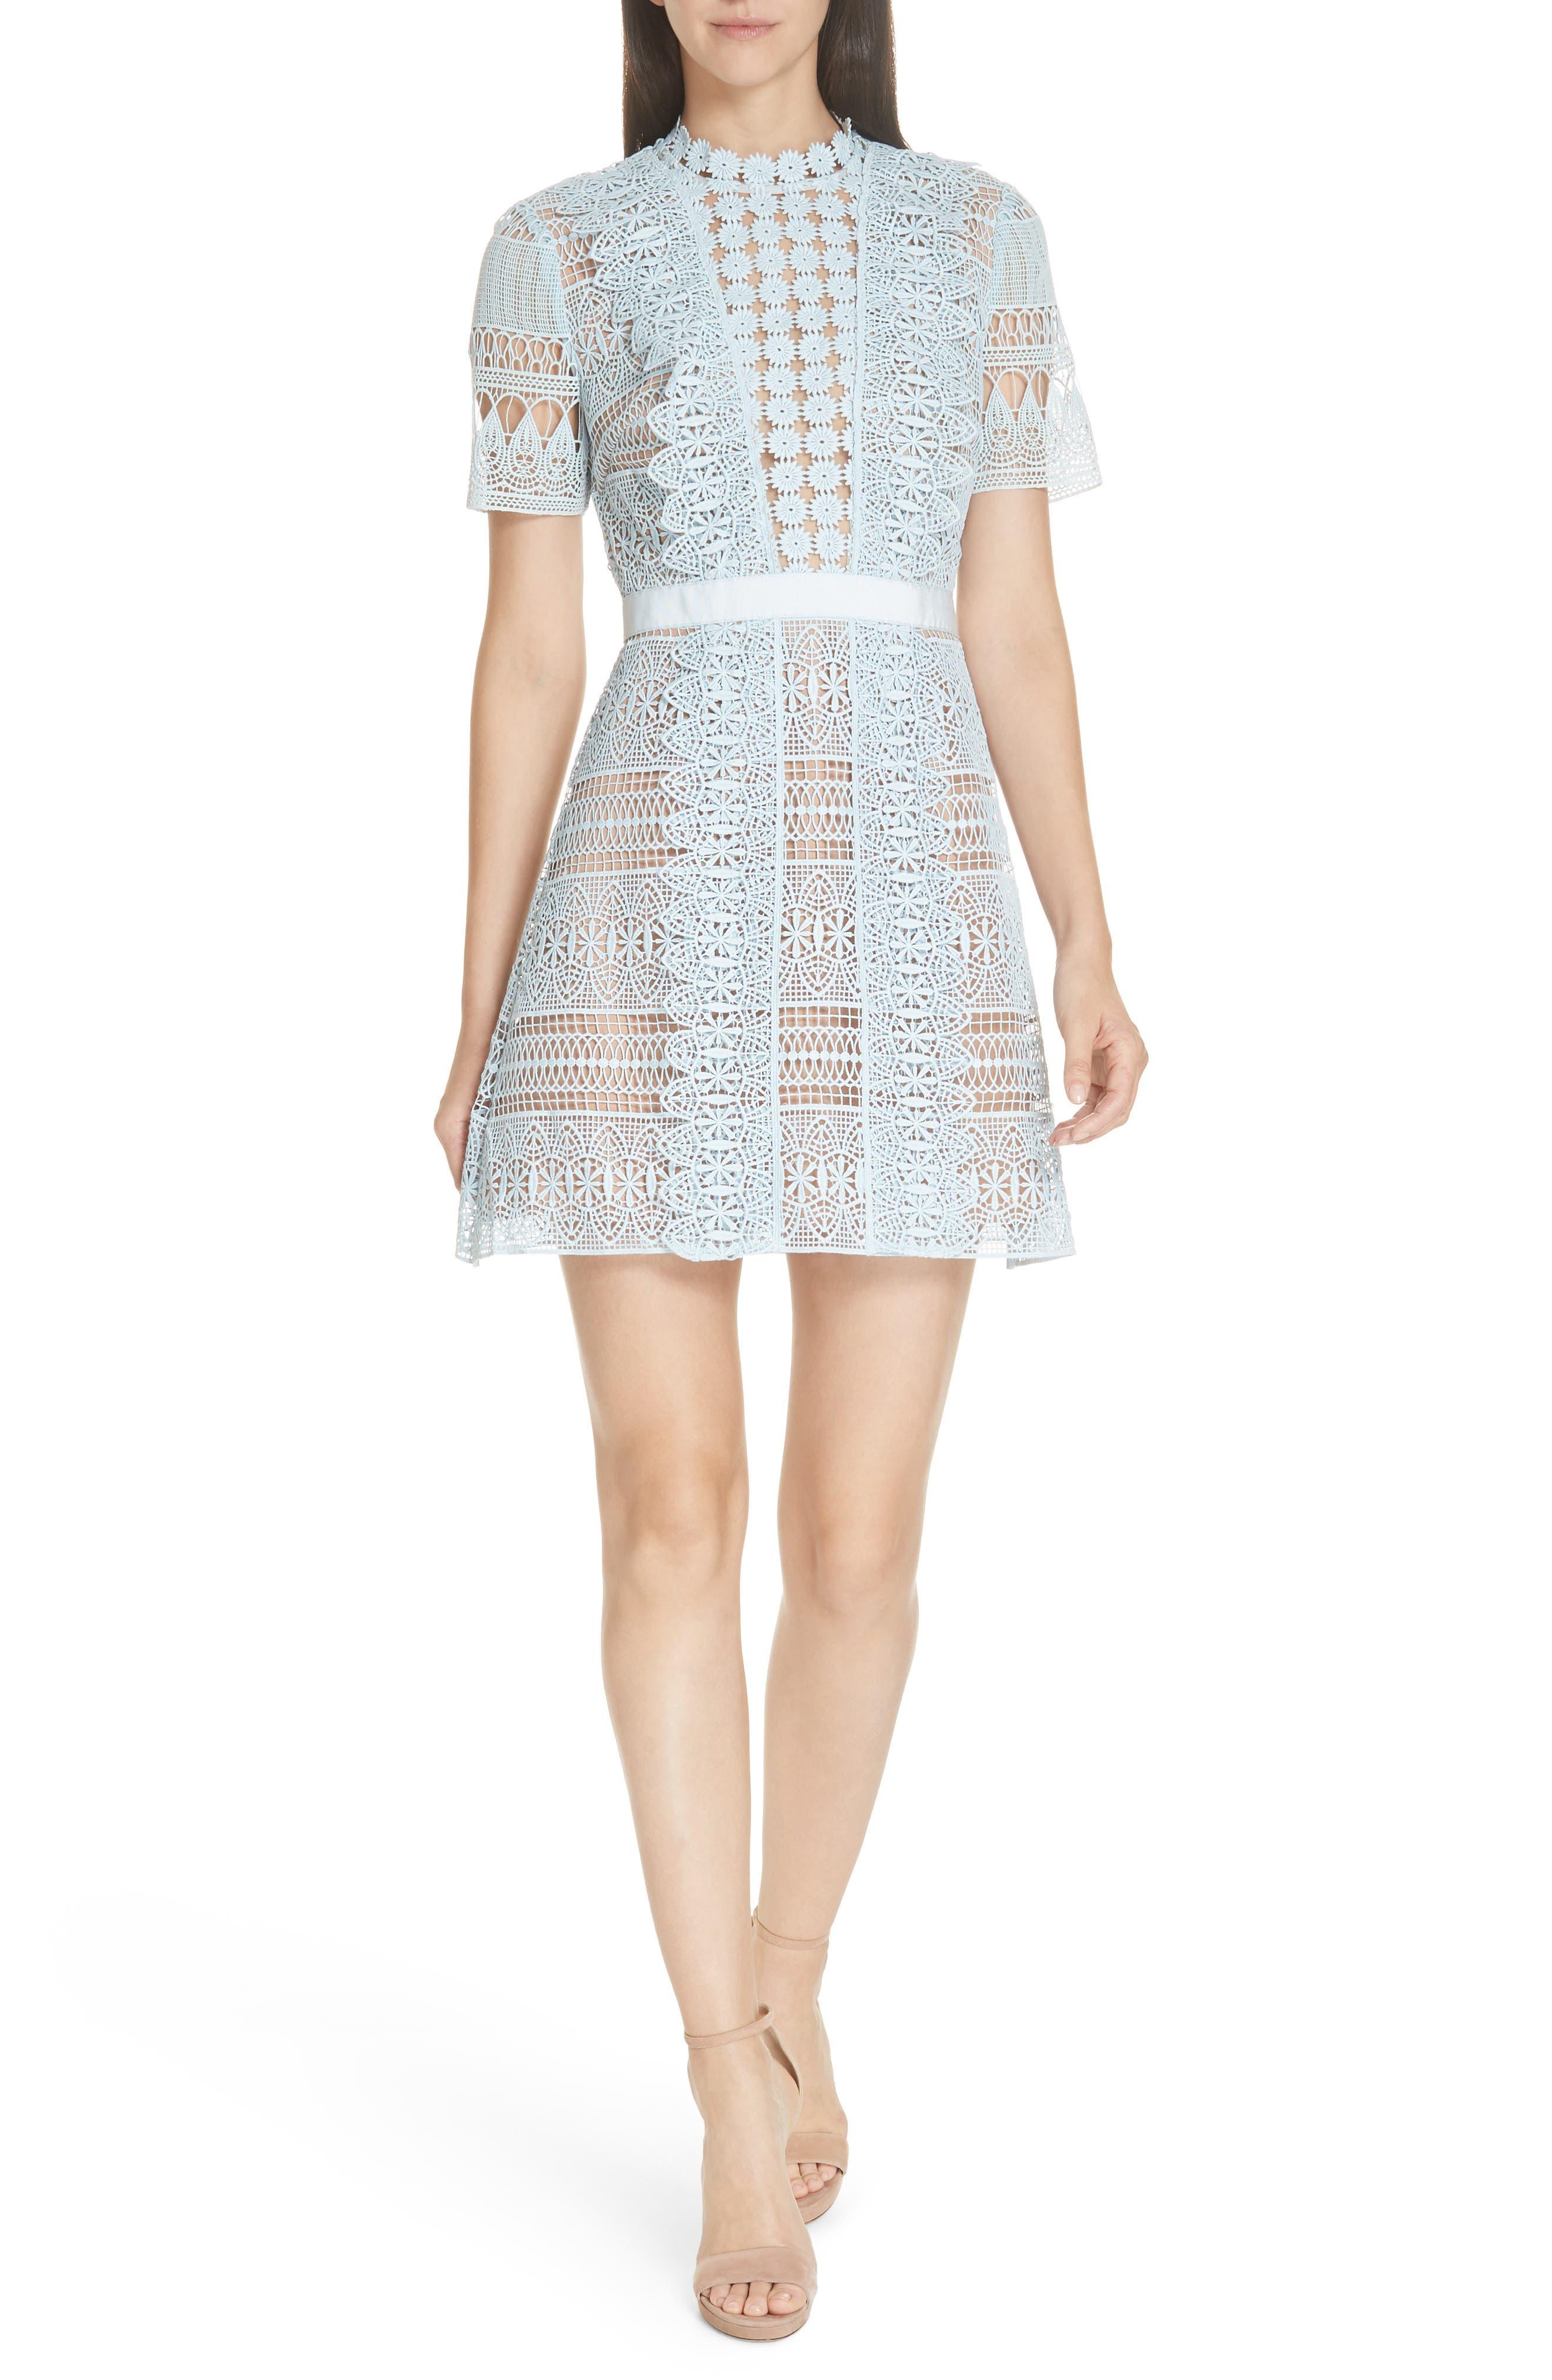 SELF-PORTRAIT Lace A-Line Minidress, Main, color, BLUE